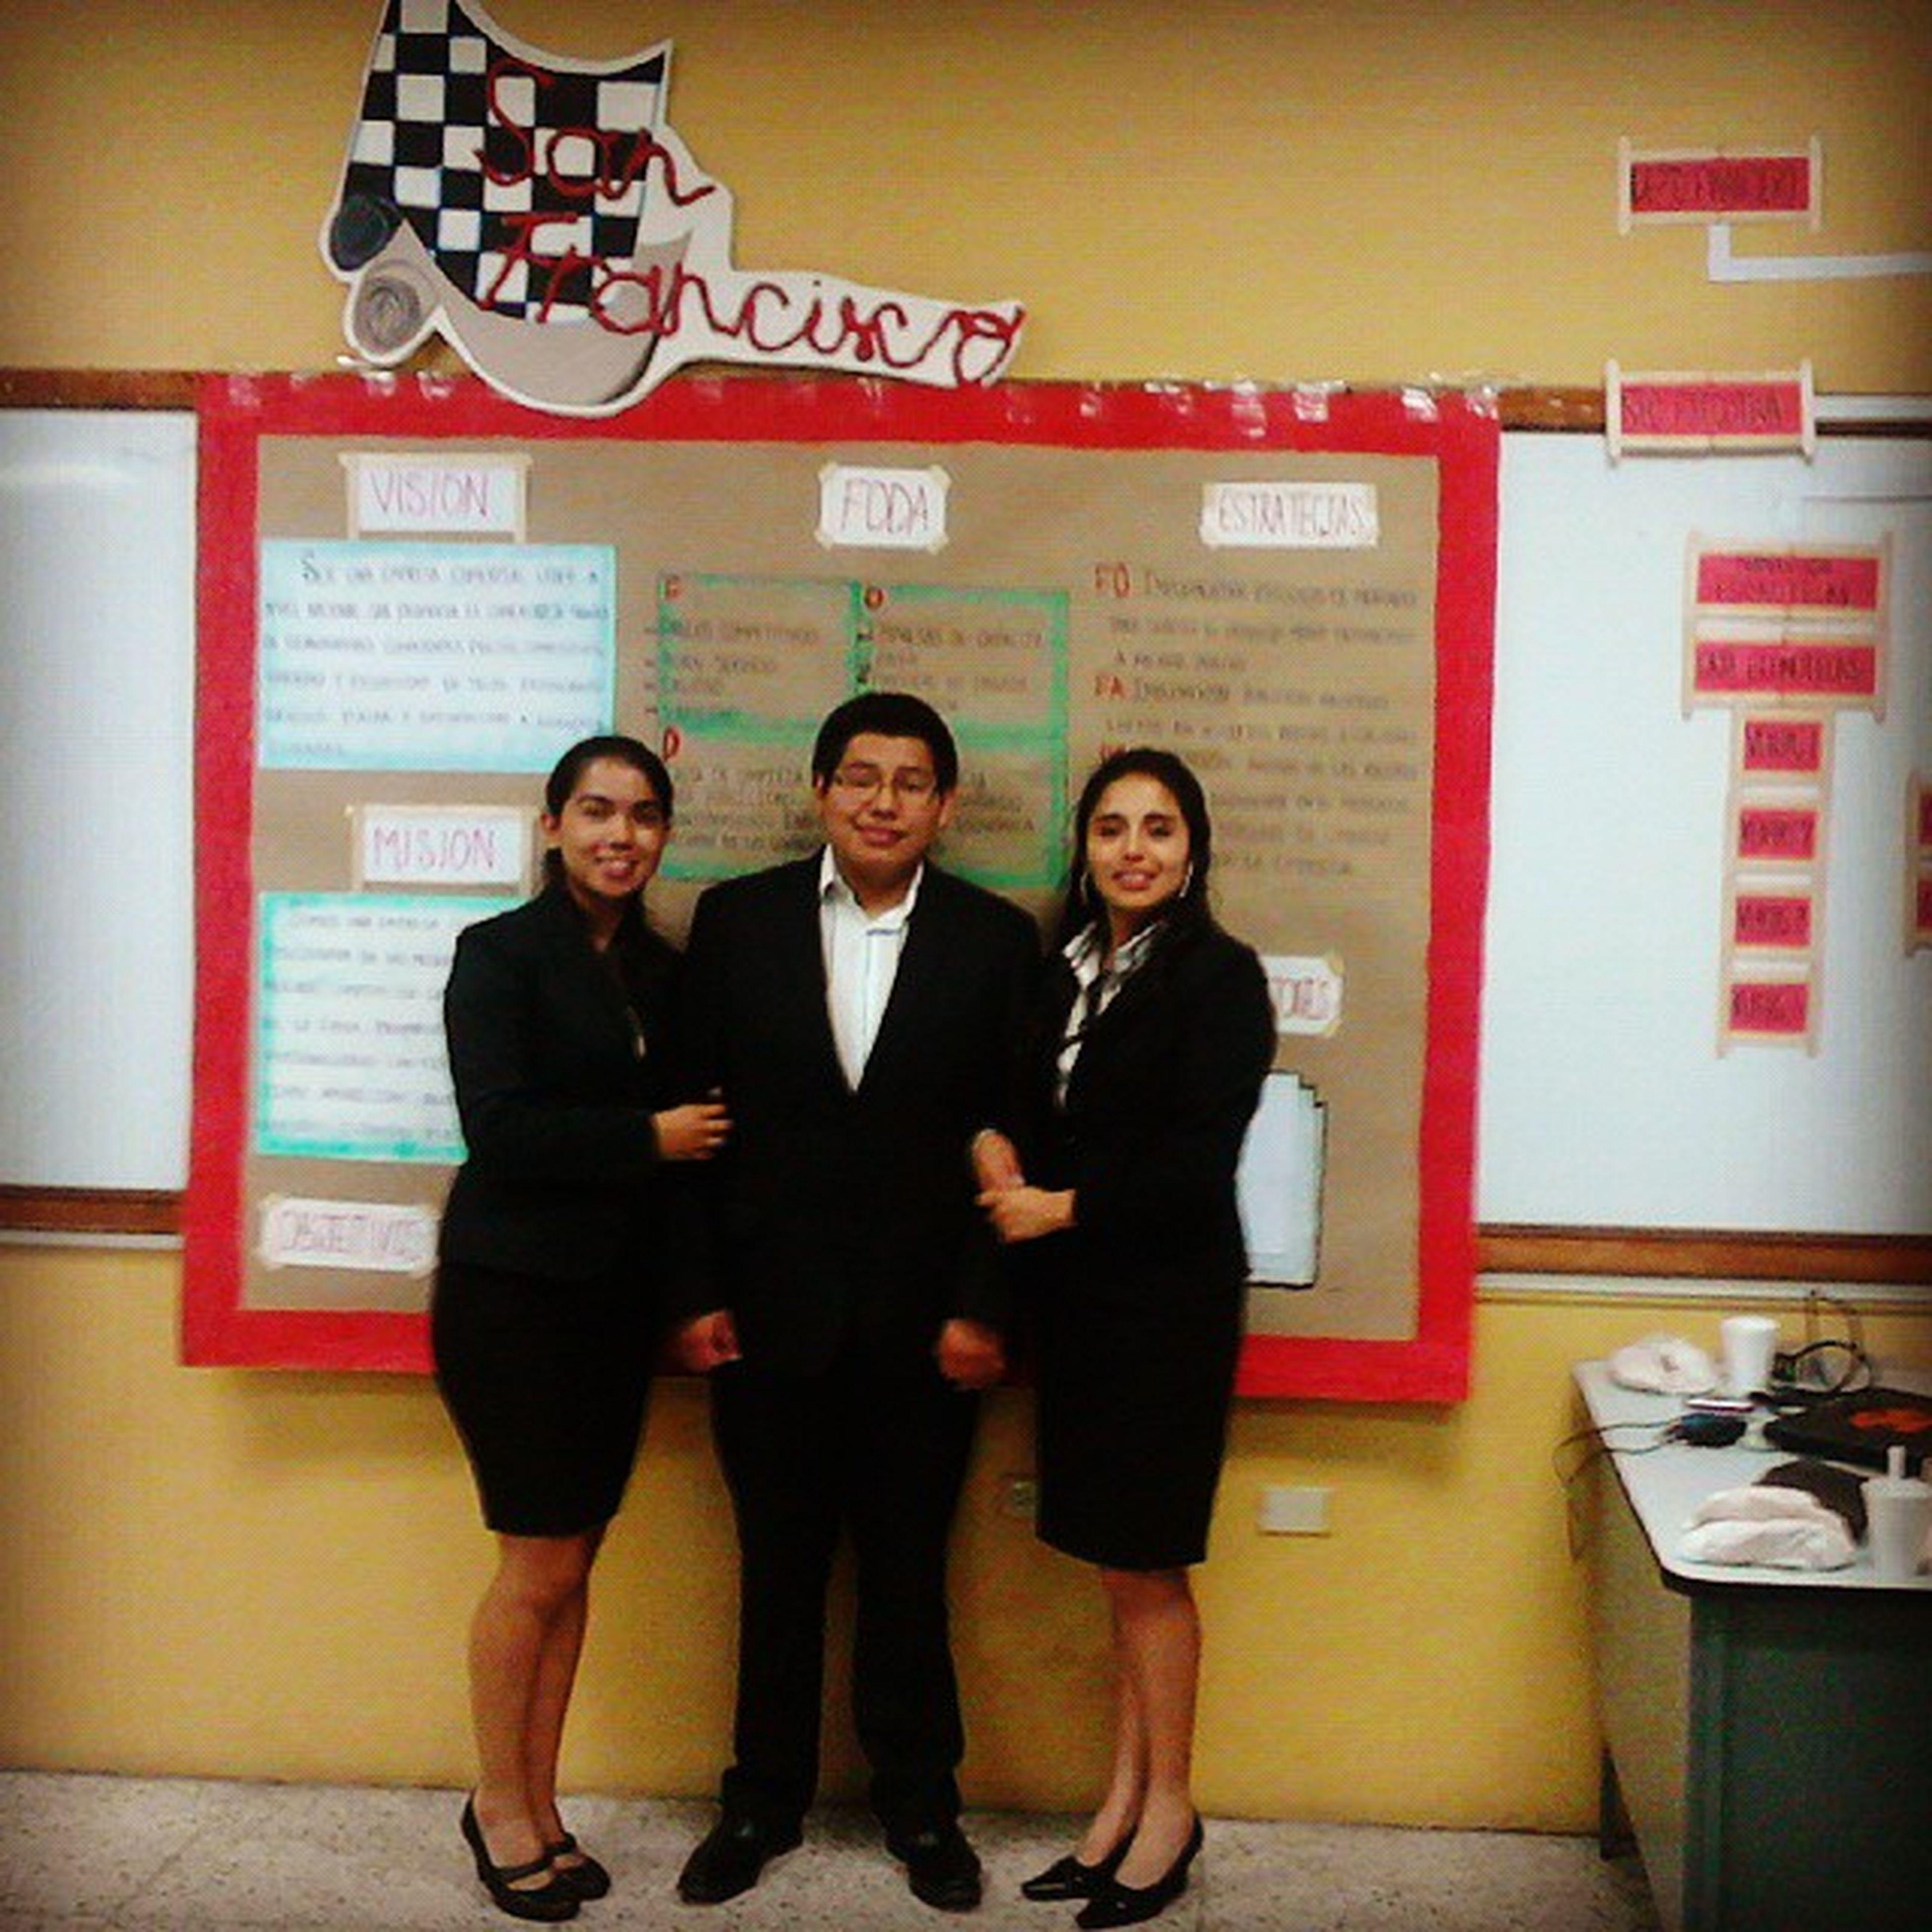 Gracias a papá Dios todo un éxito la Presentación de nuestro proyecto. Graciasportusbendiciones